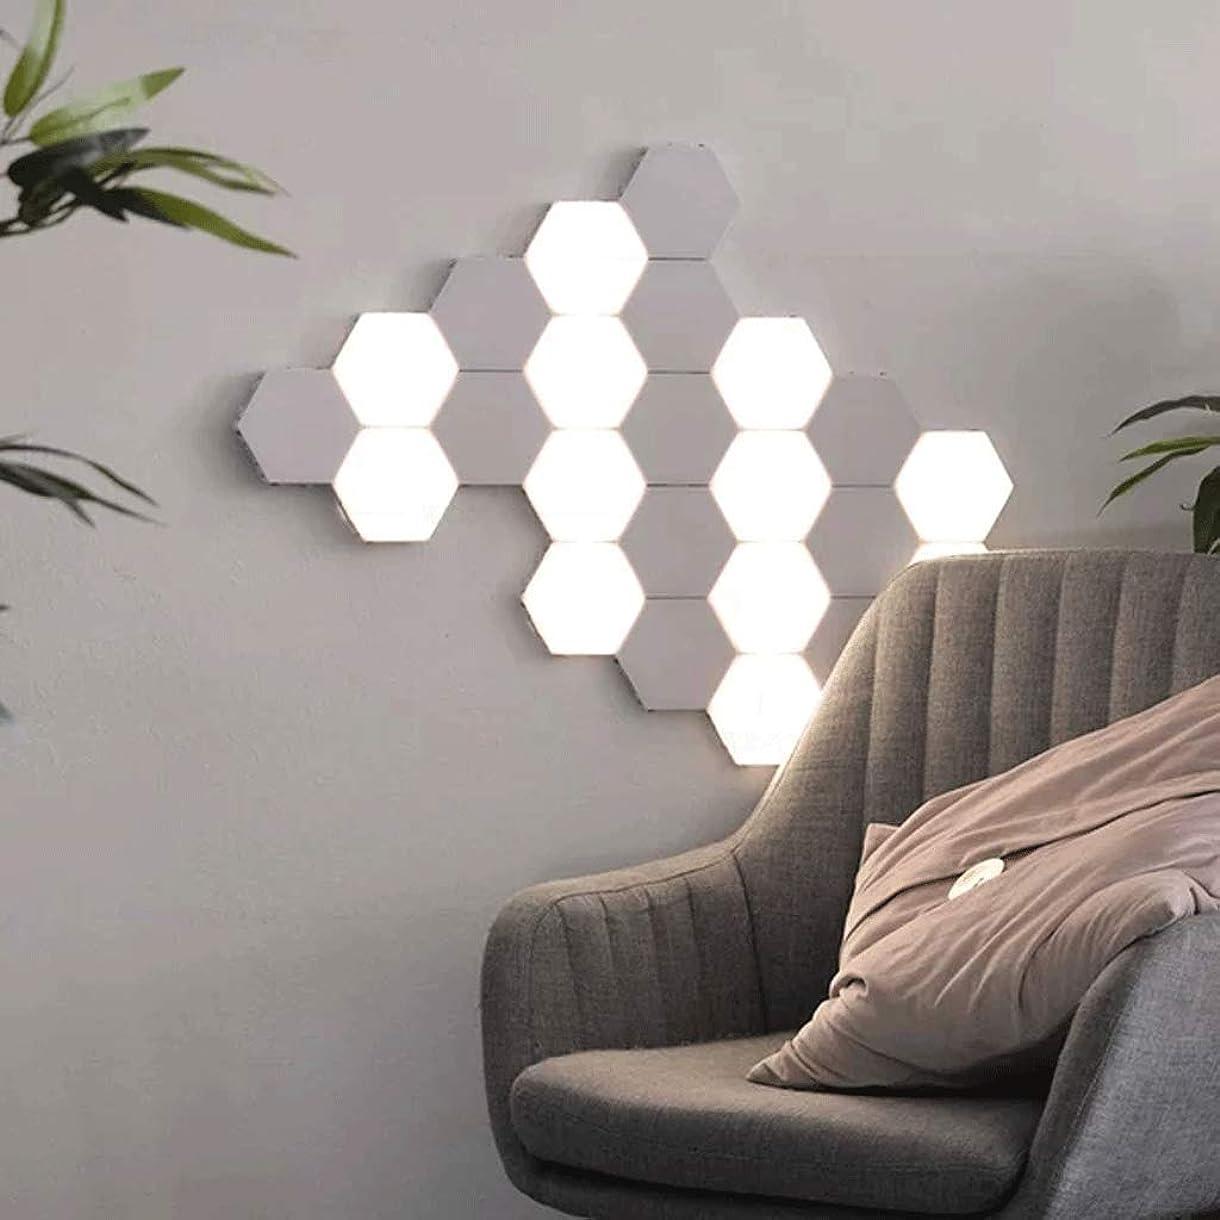 ありそう見つけた幻滅する導かれた六角形の軽い接触敏感な夜ライトモジュラータッチの装飾の壁の六角形の壁ランプの居間の寝室の調査(16 PC)